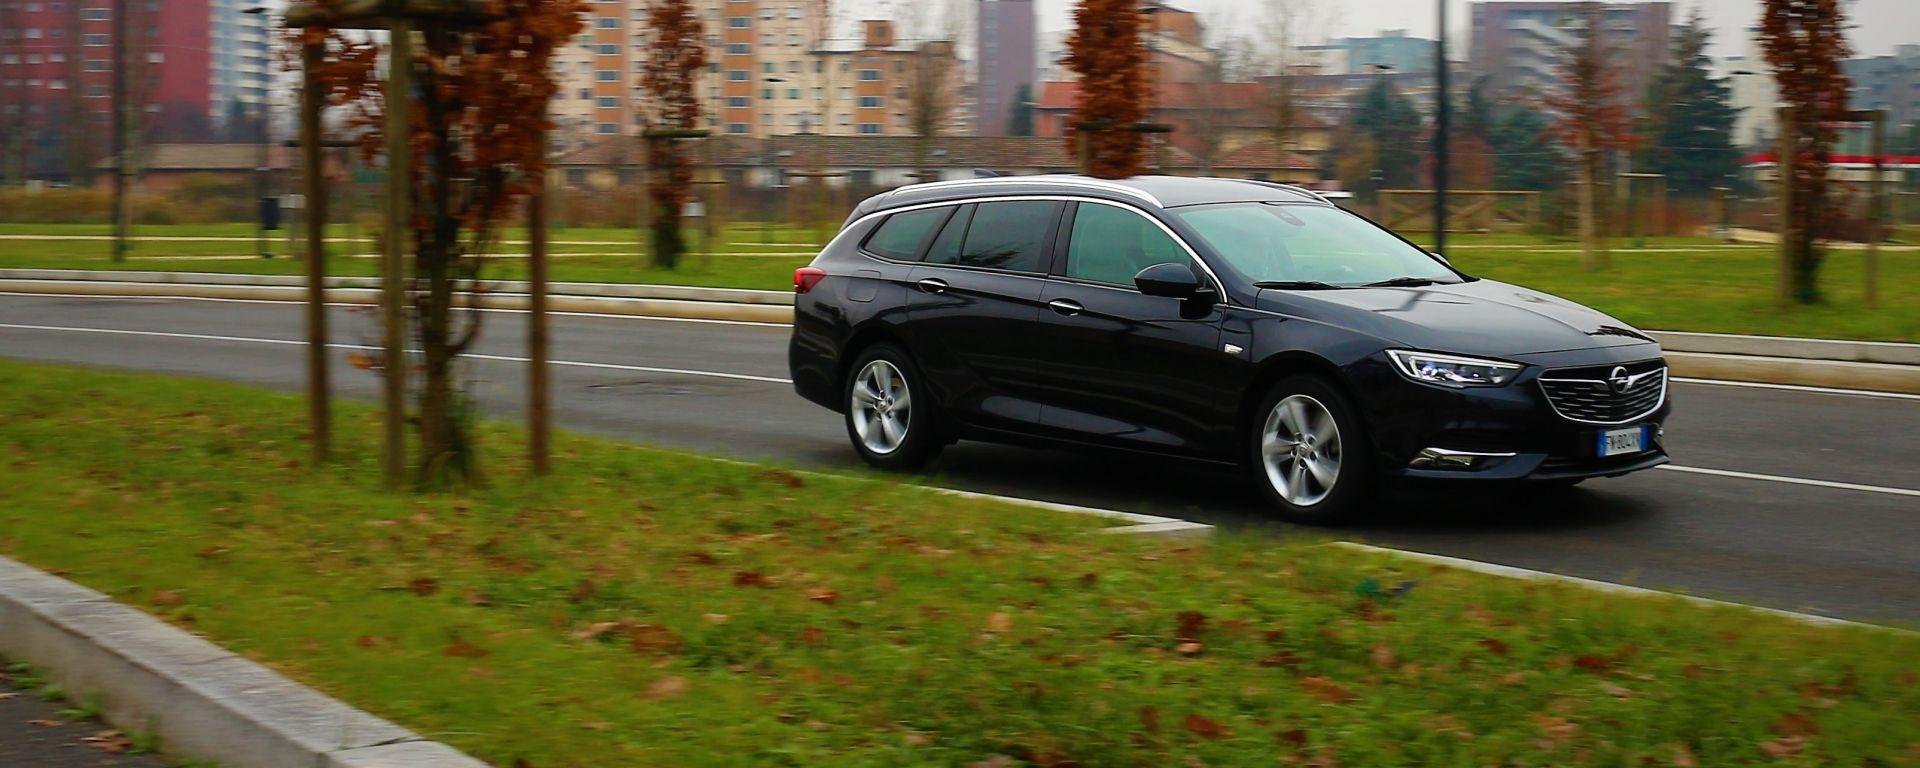 Opel Insignia SW 1.6 diesel: sorprende per quanto è comoda!